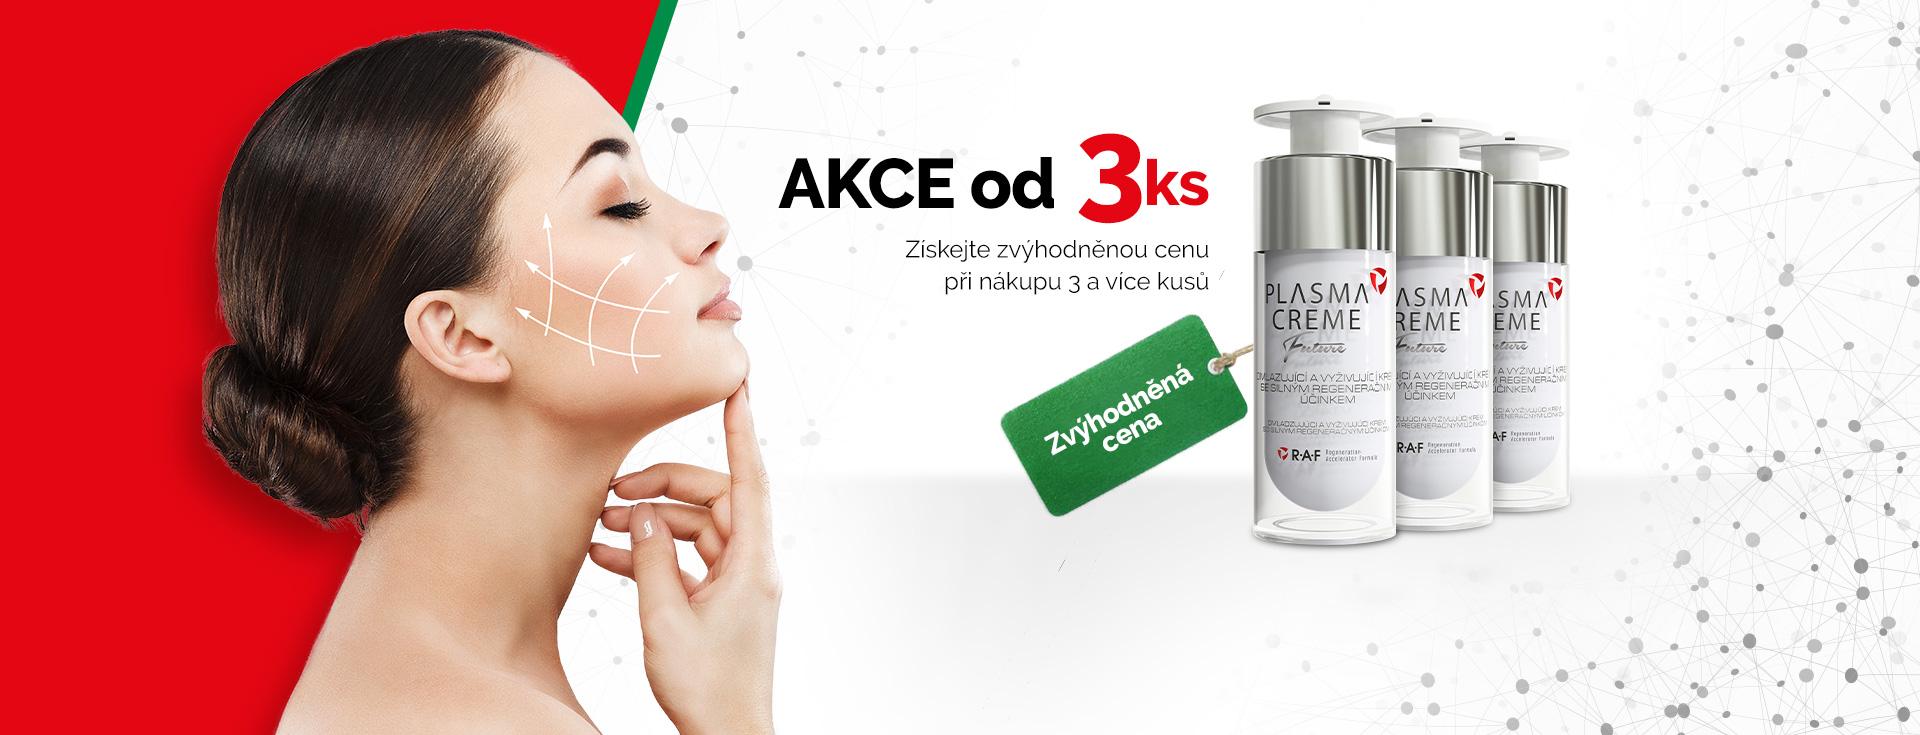 Akce 3+1 PLASMAGEL - ochranný a regenerační gel